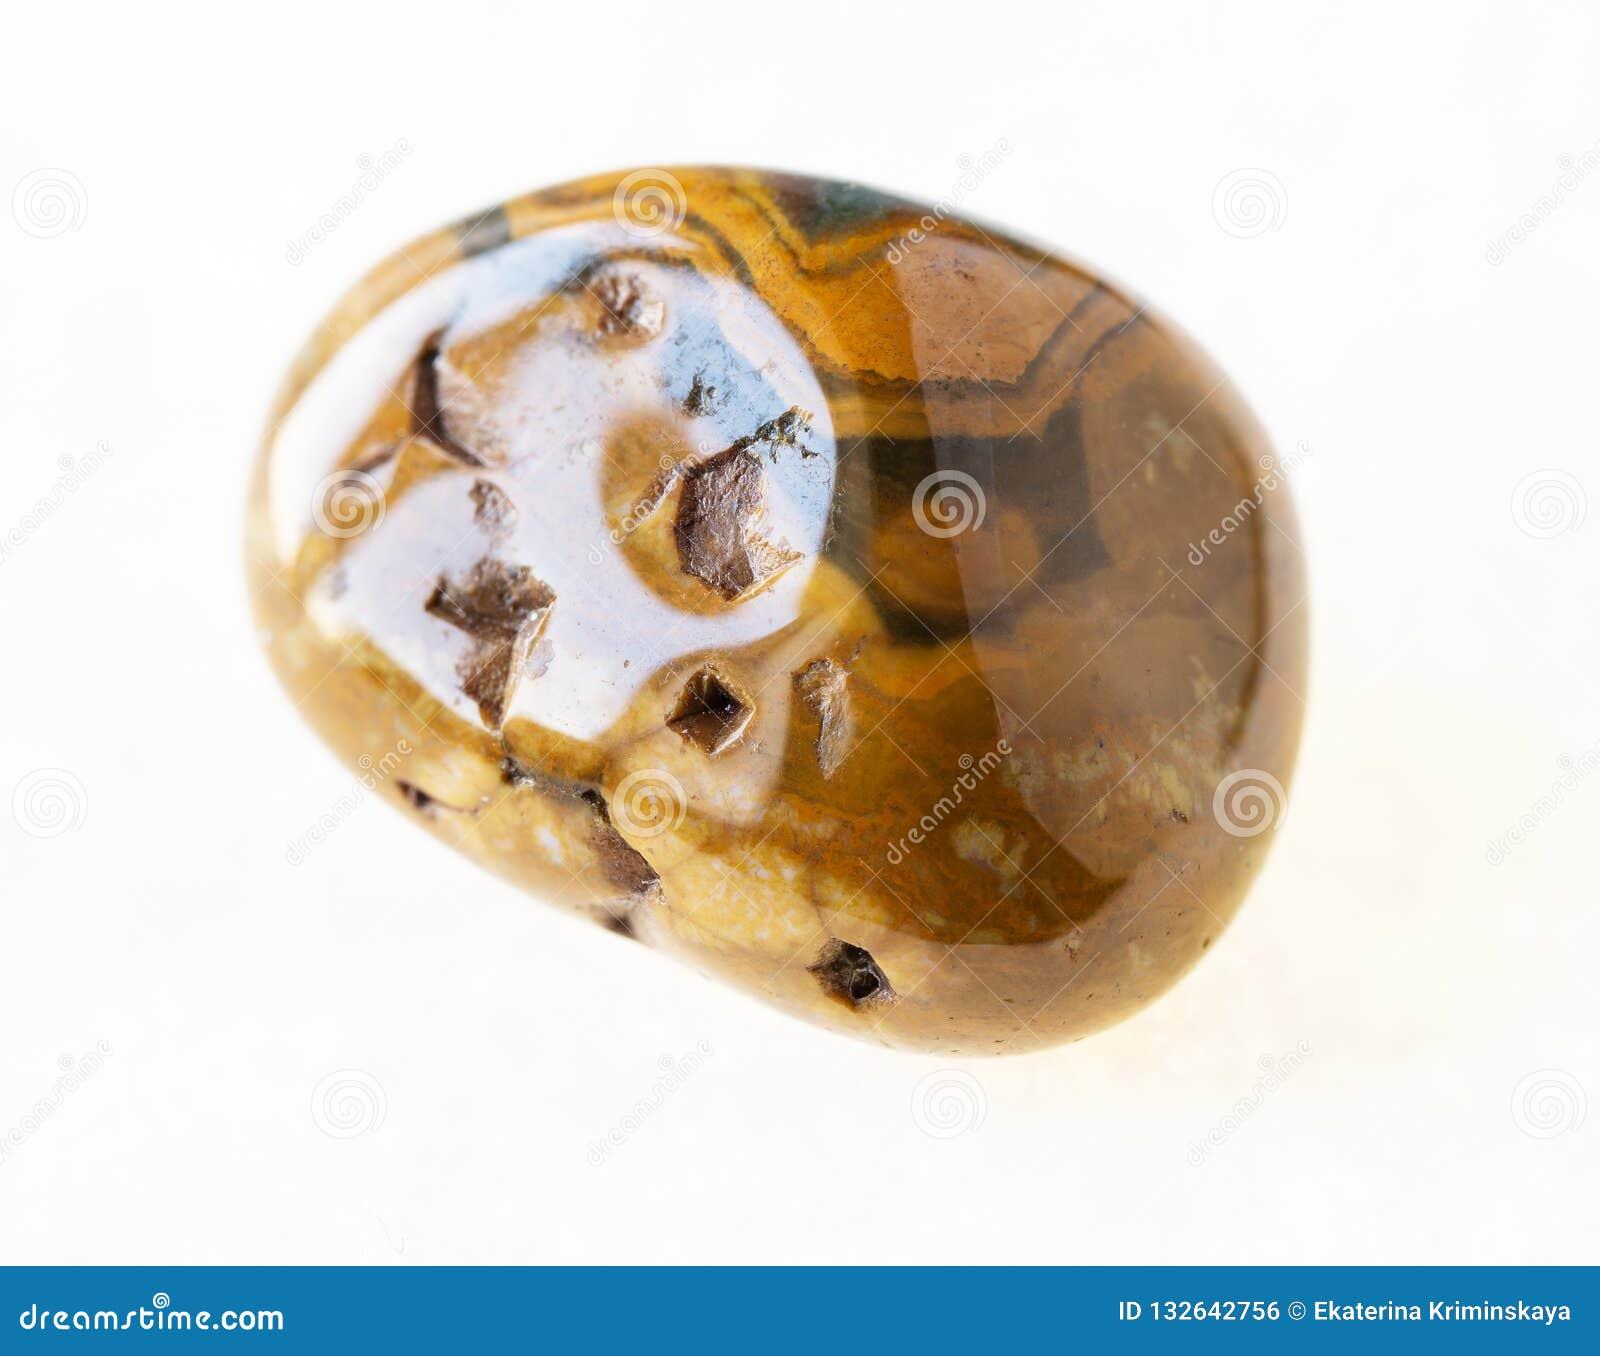 Gestolperter Stein des Leopard-Haut-Jaspisses (Jaguar-Stein)